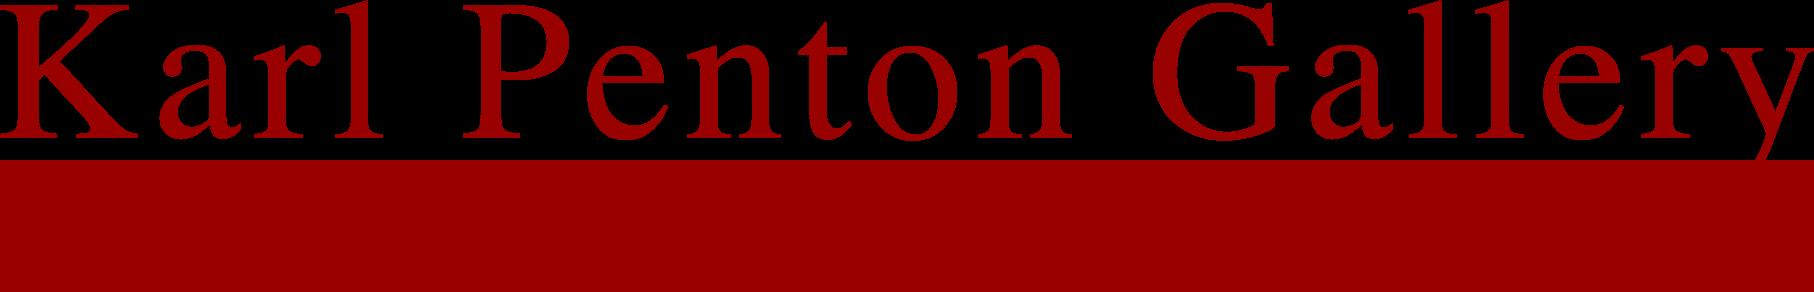 Karl Penton Gallery Logo